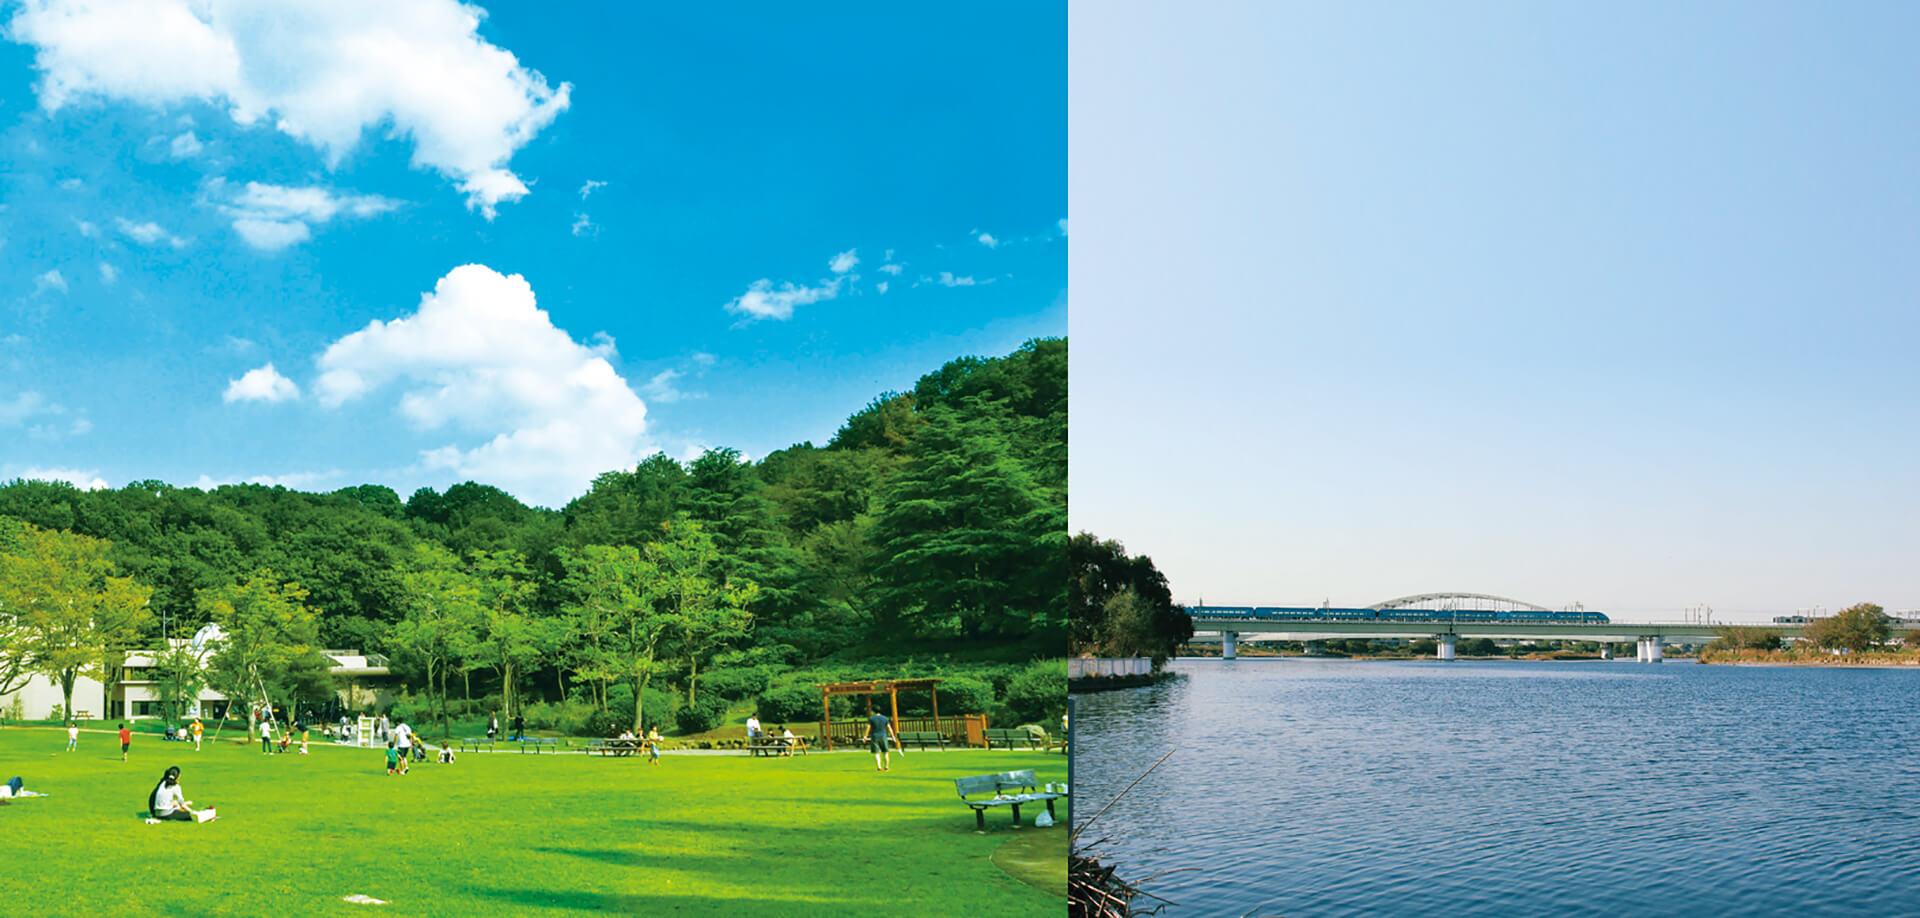 秋の生田緑地⇔多摩川 ピクニックラリー